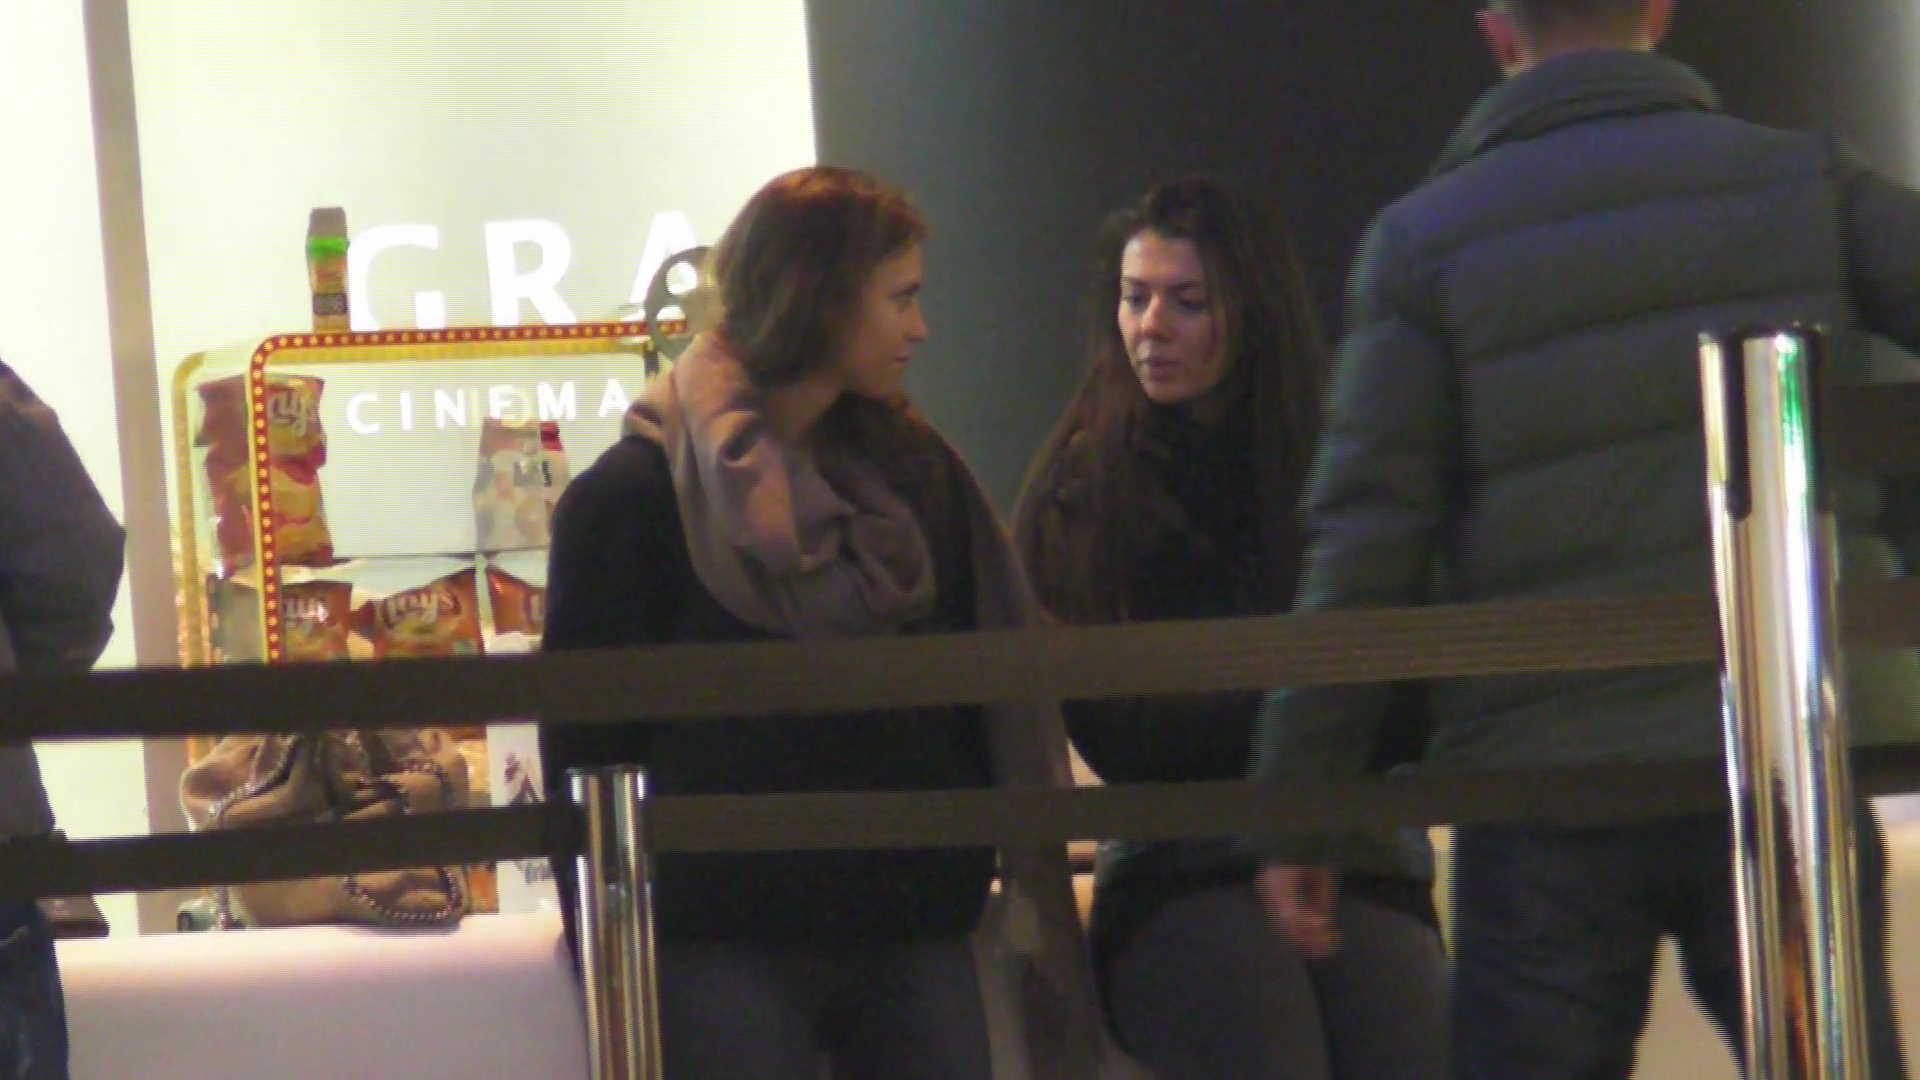 Cristina si amica sa asteapta sa intre la film